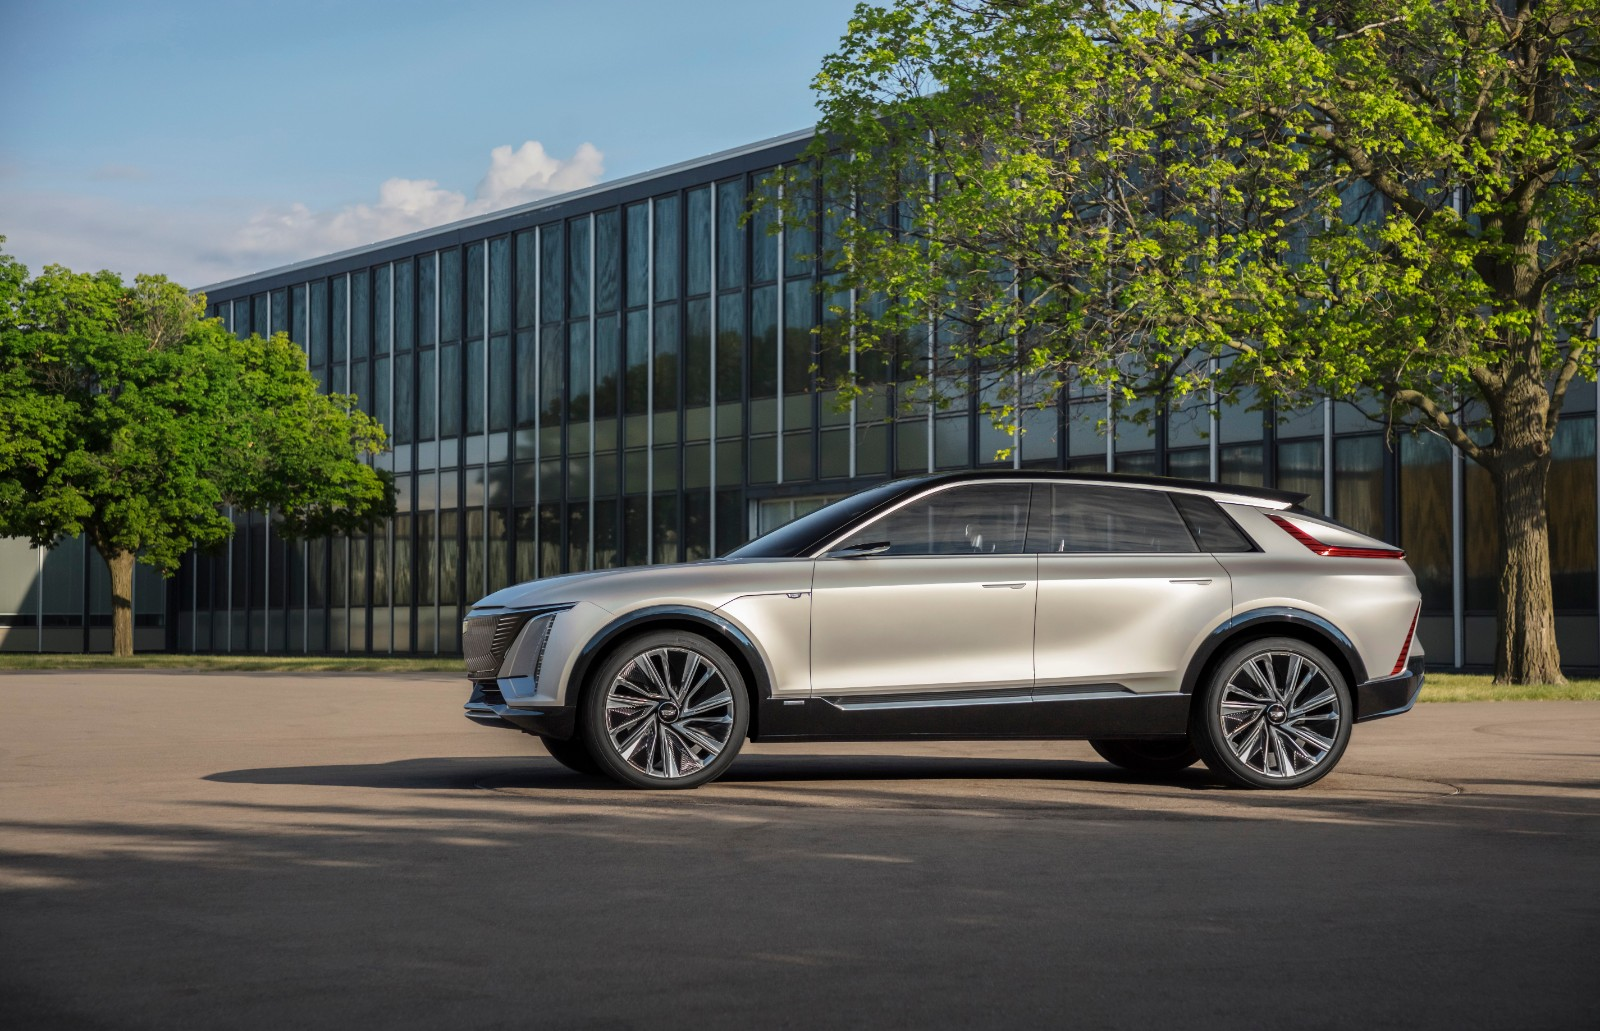 基于通用汽车第三代全球电动车平台打造的凯迪拉克LYRIQ纯电动SUV